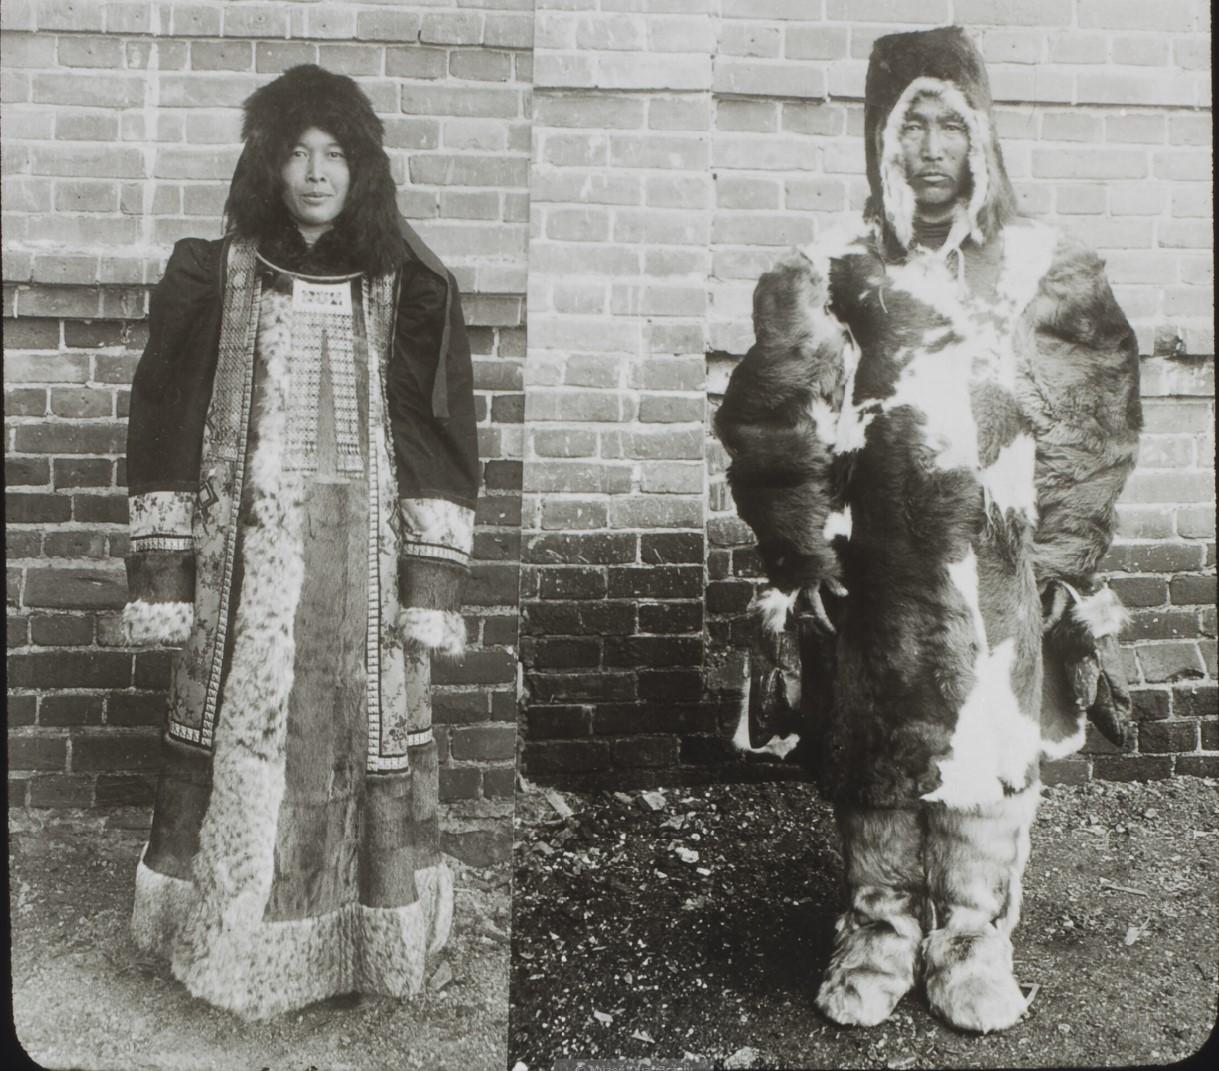 Якутская область. Якуты в зимней одежде